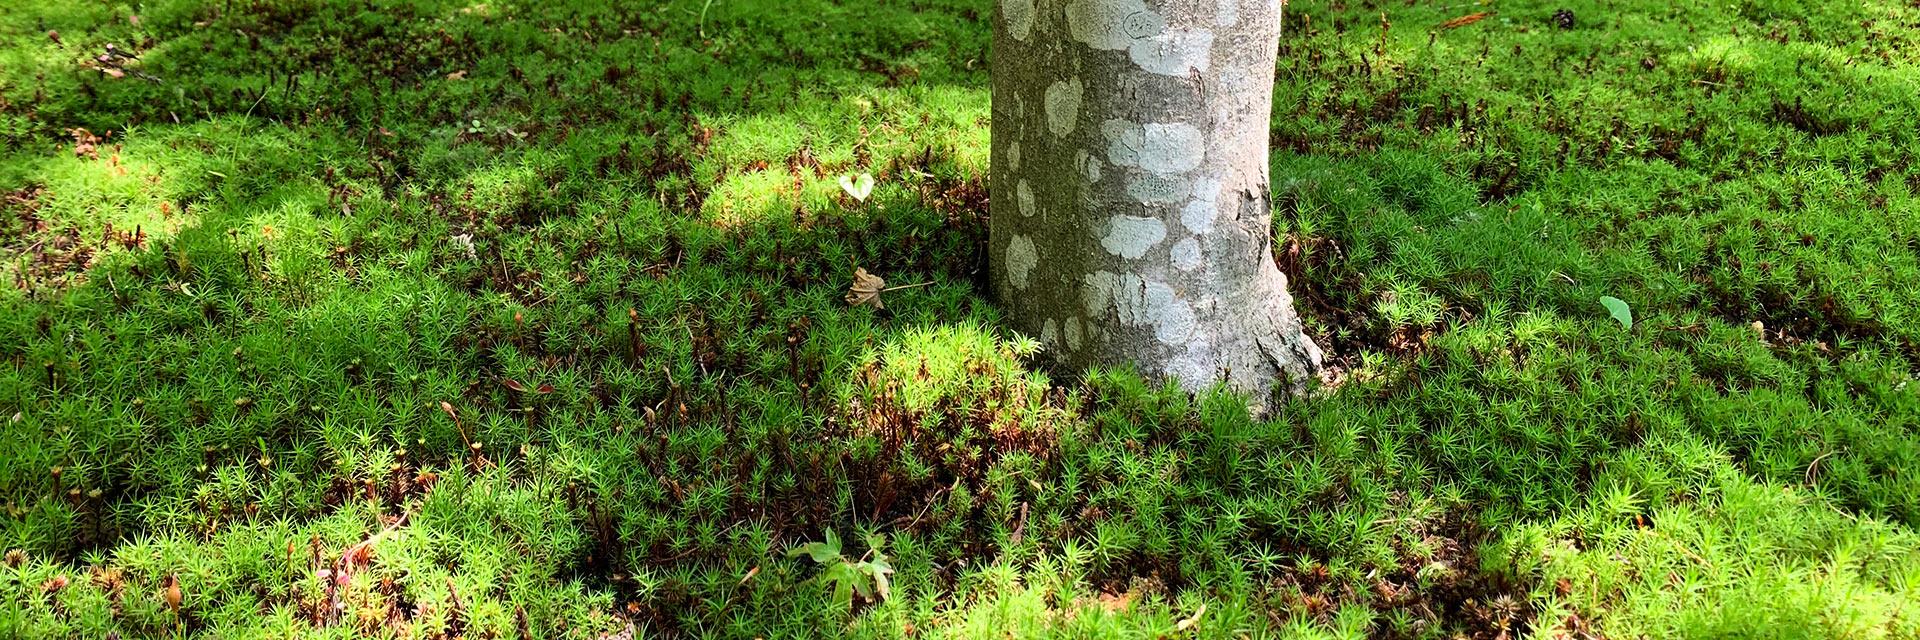 櫟野寺樹木葬墓苑の杉苔と楓の風景